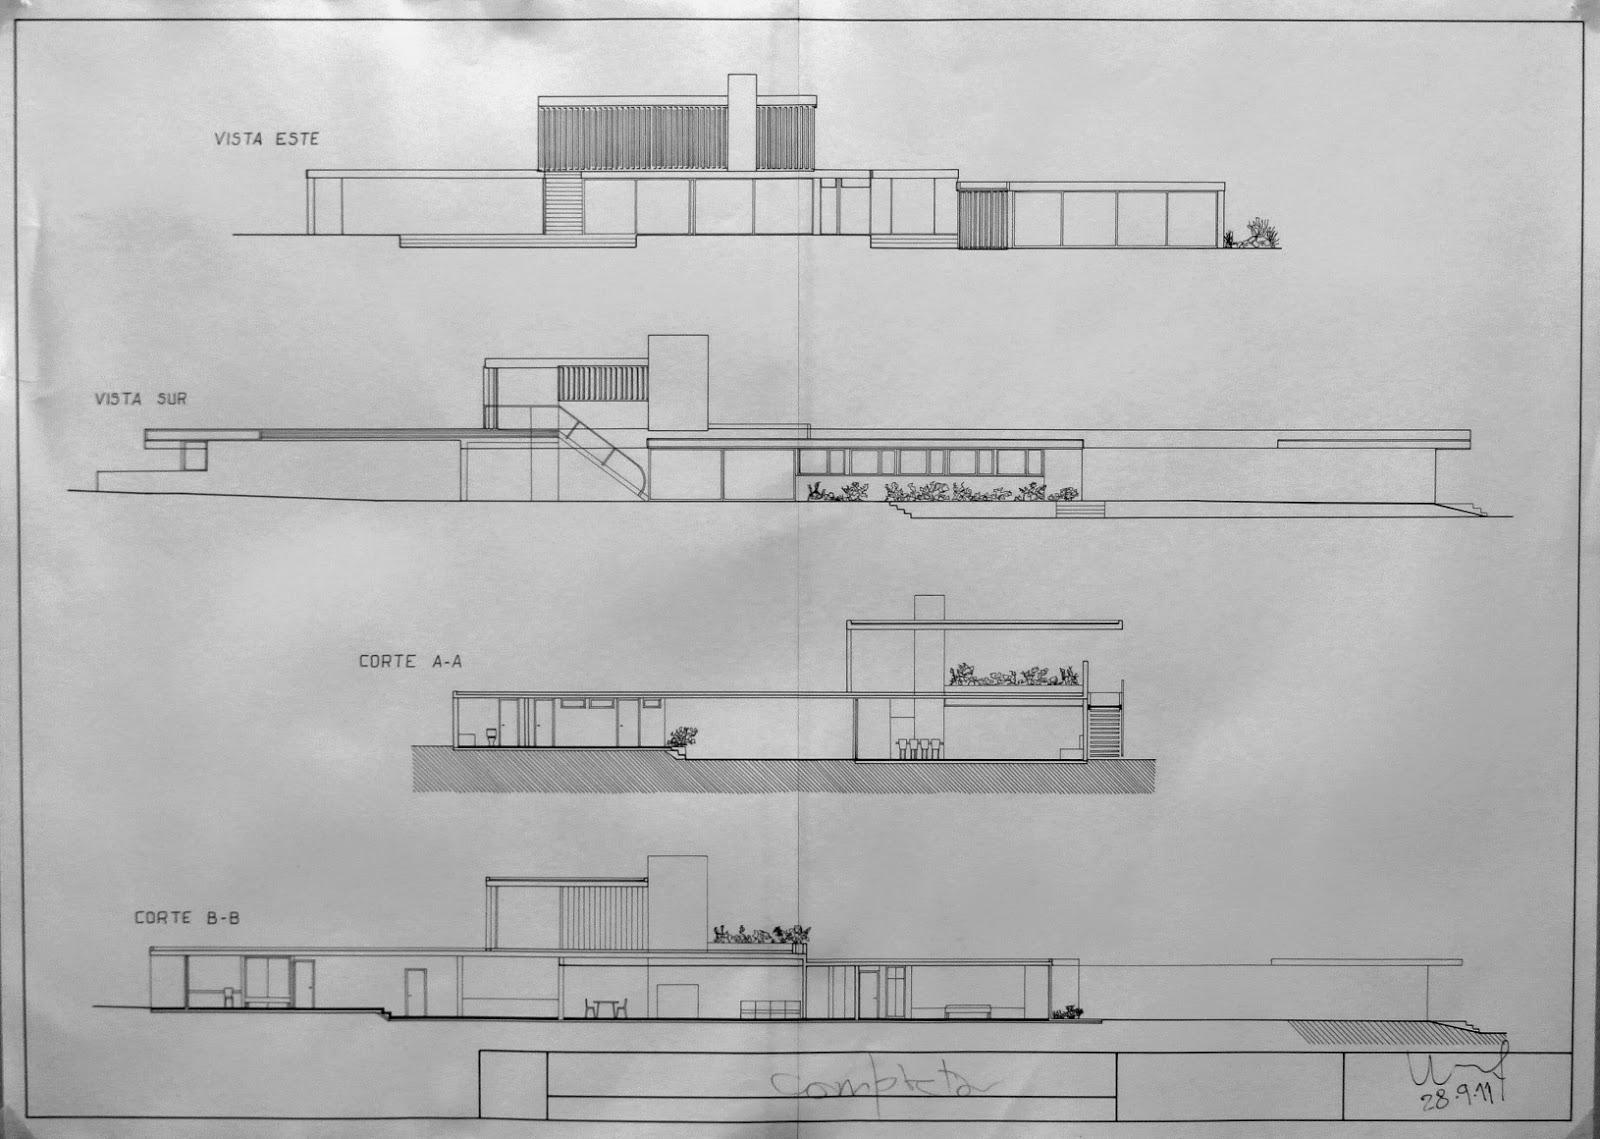 Elementos de dise o uno arquitectura plantas vistas y for Arquitectura nota de corte